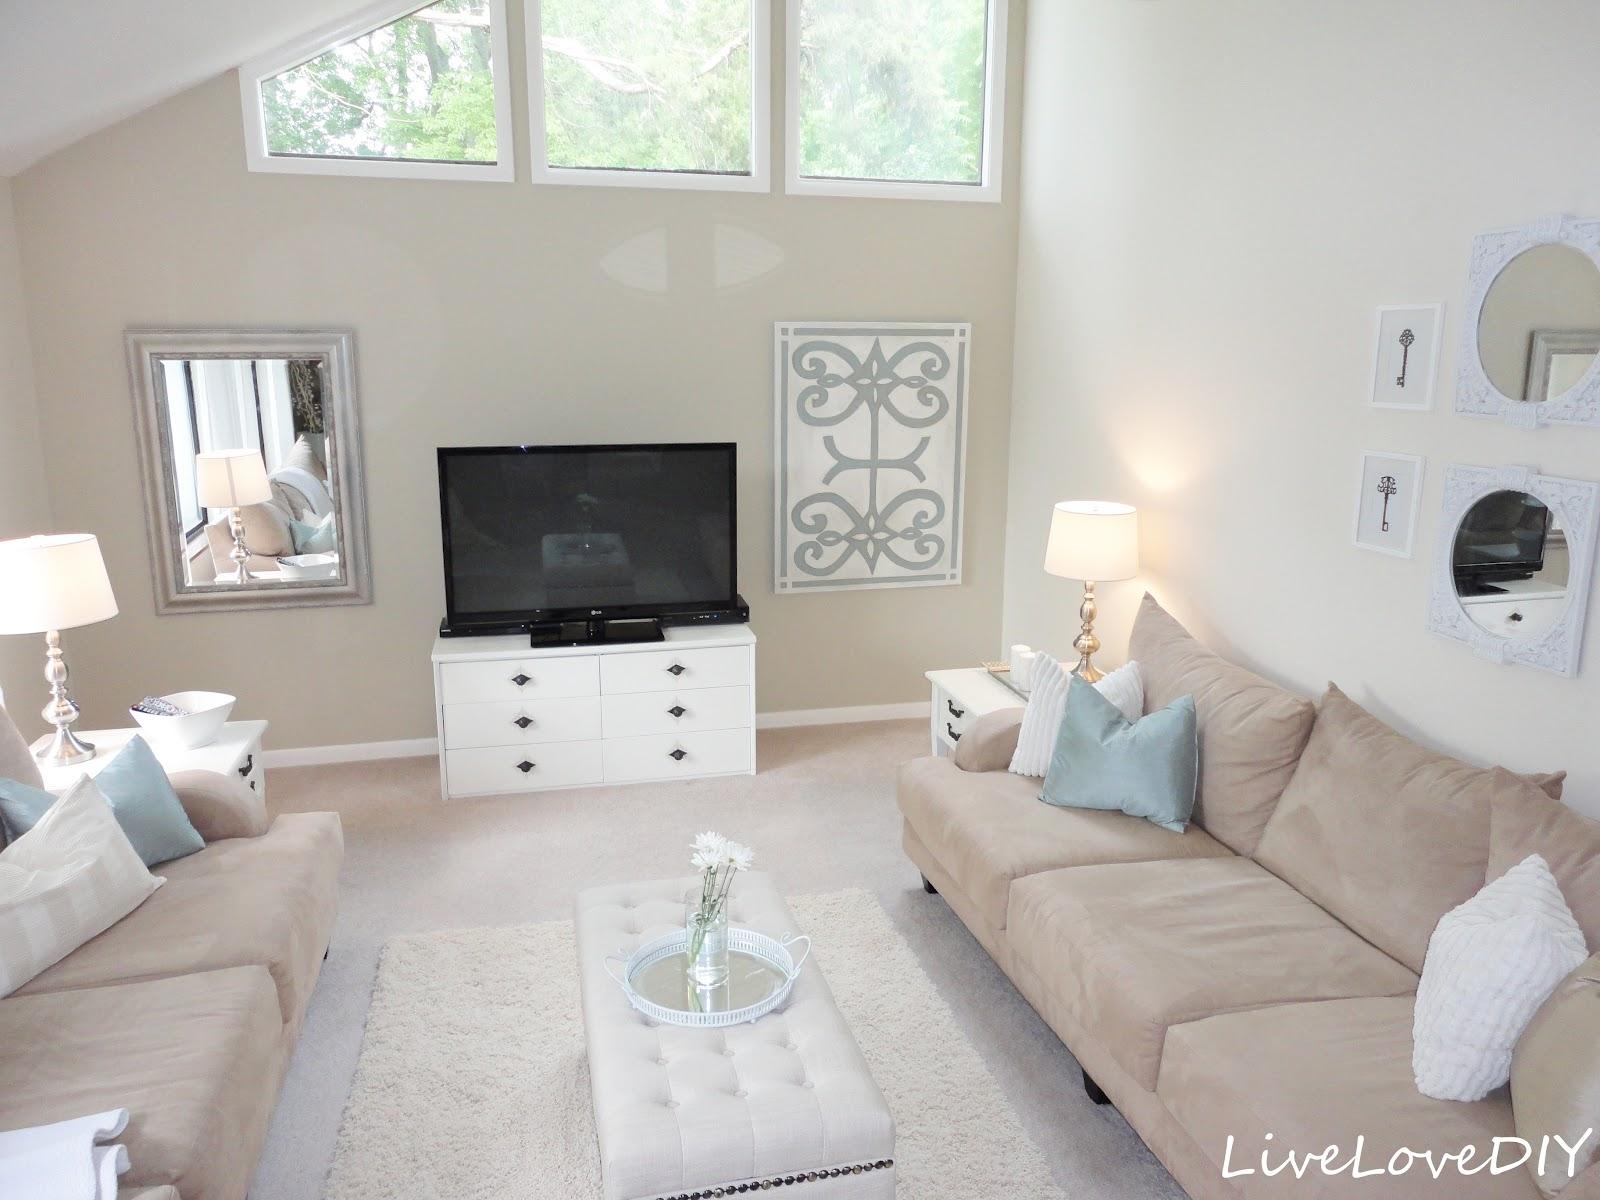 Livelovediy Living Room Reveal Diy Wall Art